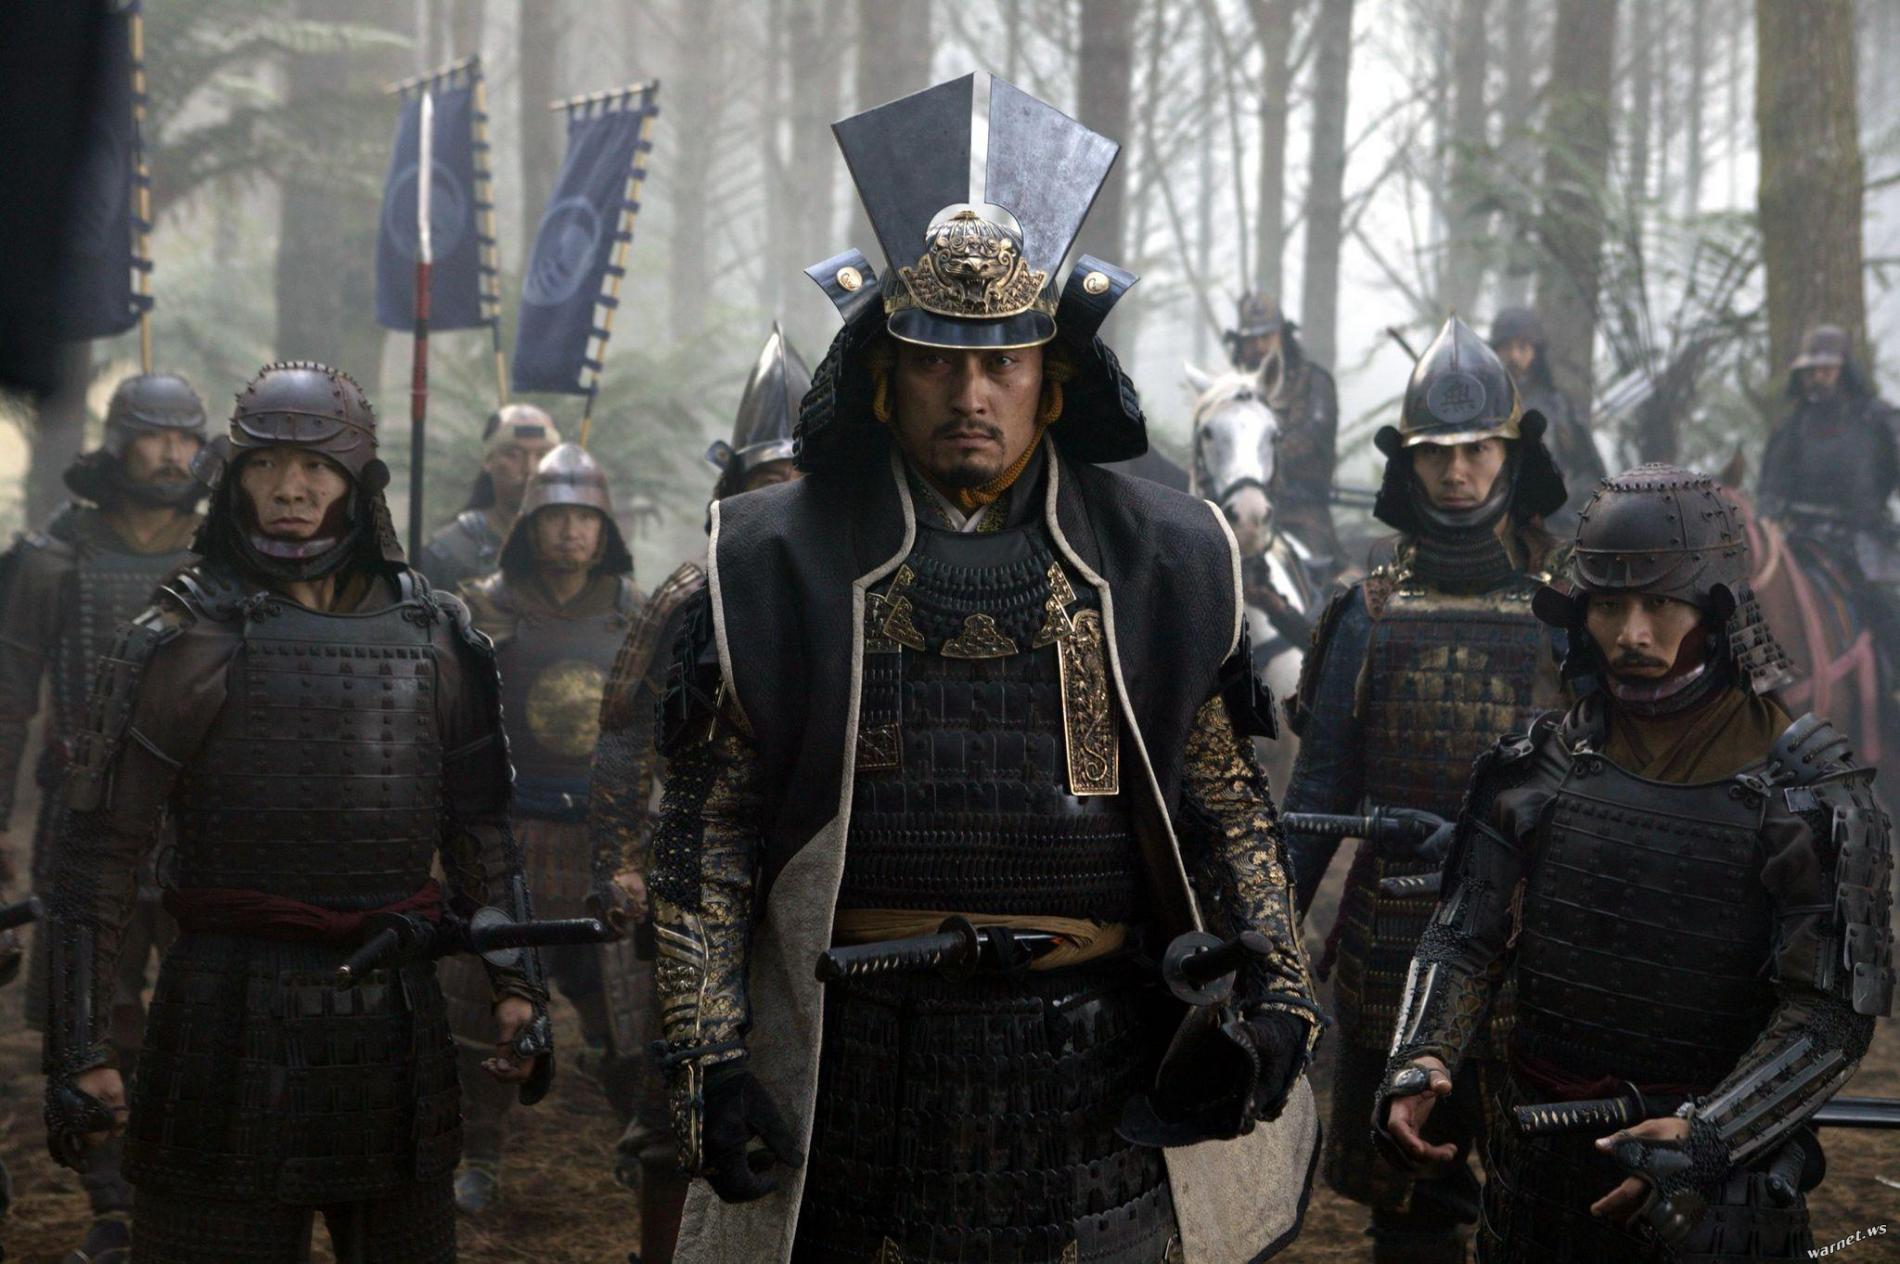 Katsumoto (Ken WATANABE), personnage inspiré de l'histoire de Takamori SAIGÔ dans Le dernier Samouraï